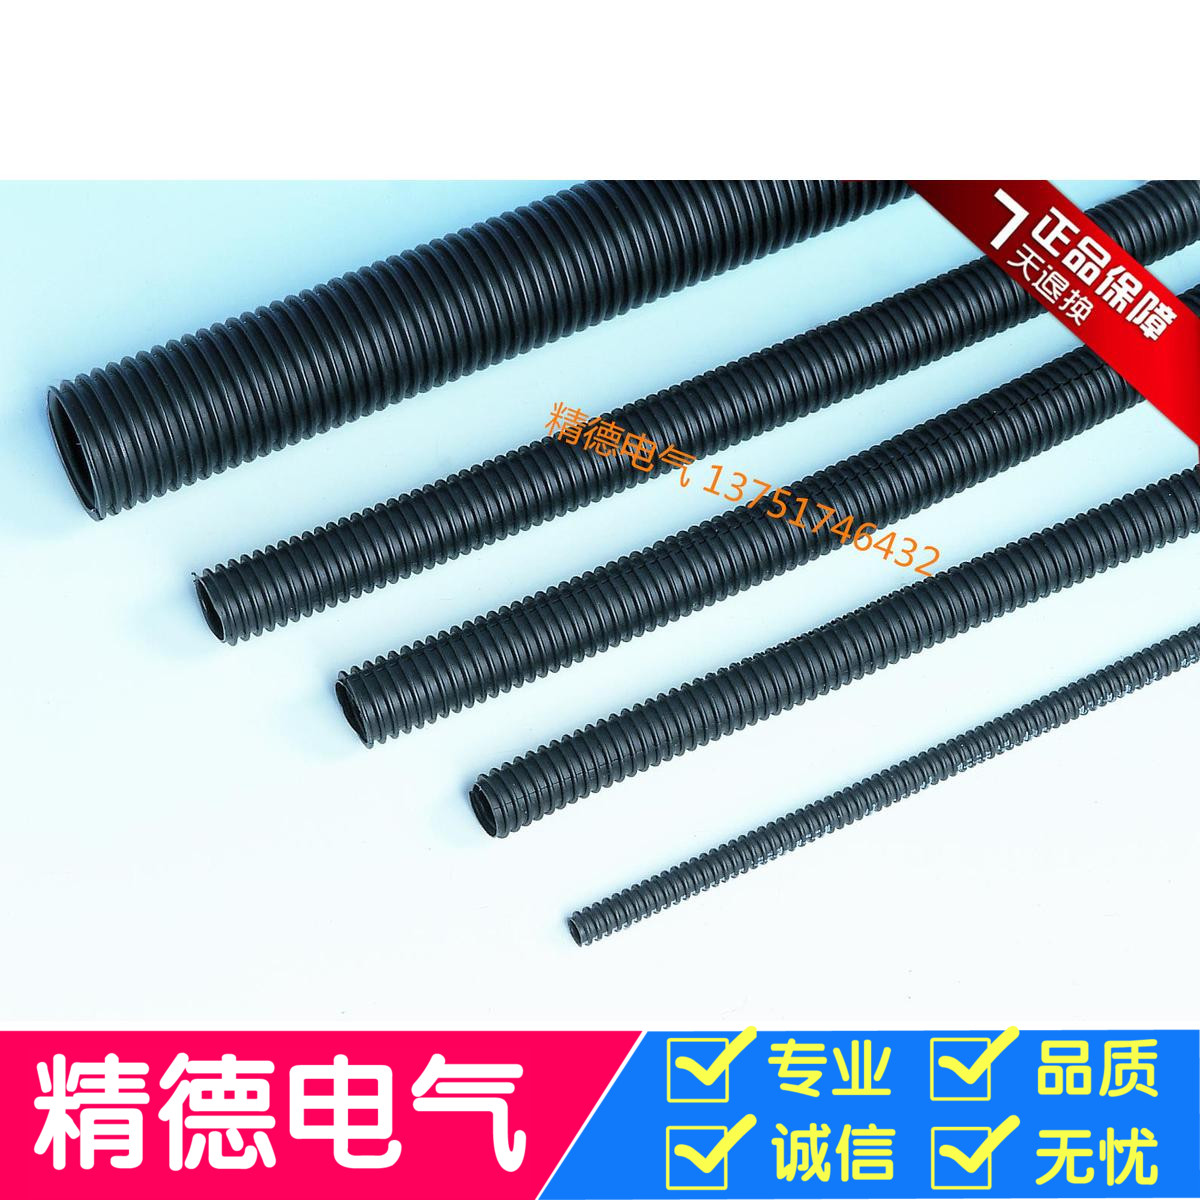 内经18mm塑料波纹管穿线软管电线电缆保护套管阻燃耐高温加厚管